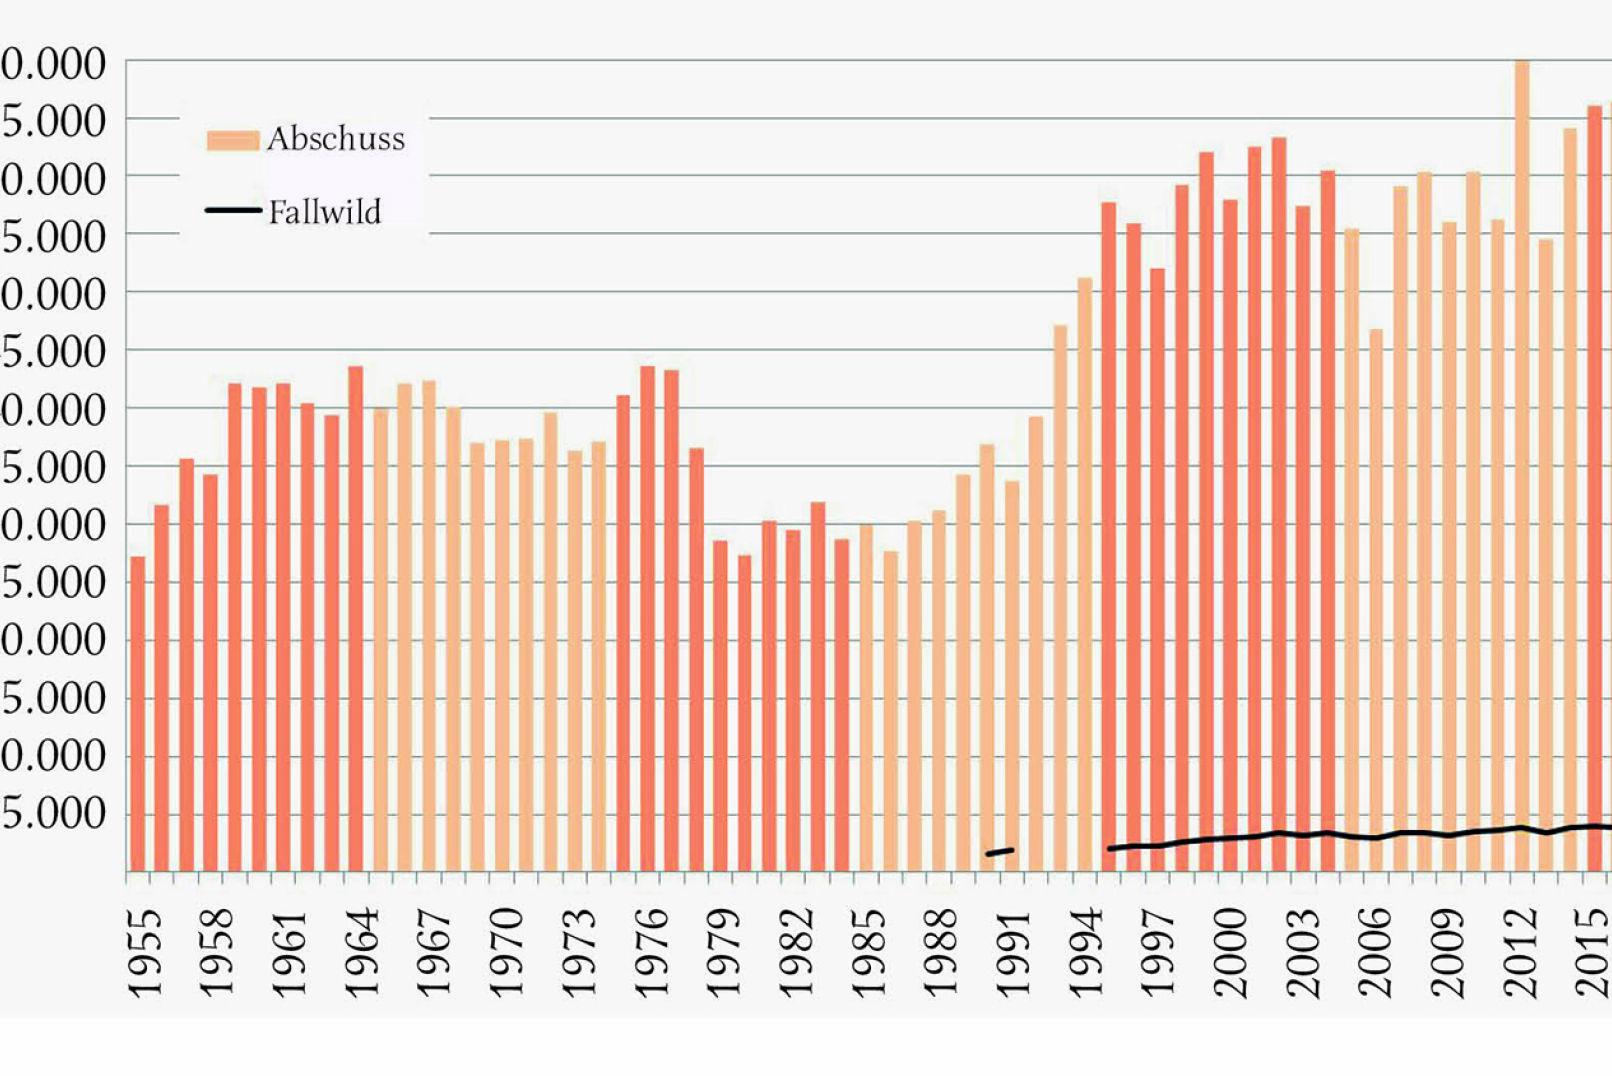 Abbildung 2 - Jährliche Fuchsstrecke in Österreich von 1955 bis 2018 (10-Jahres-Perioden farblich gekennzeichnet) sowie Fallwild von 1990bis 2018. - © Grafik Reimoser